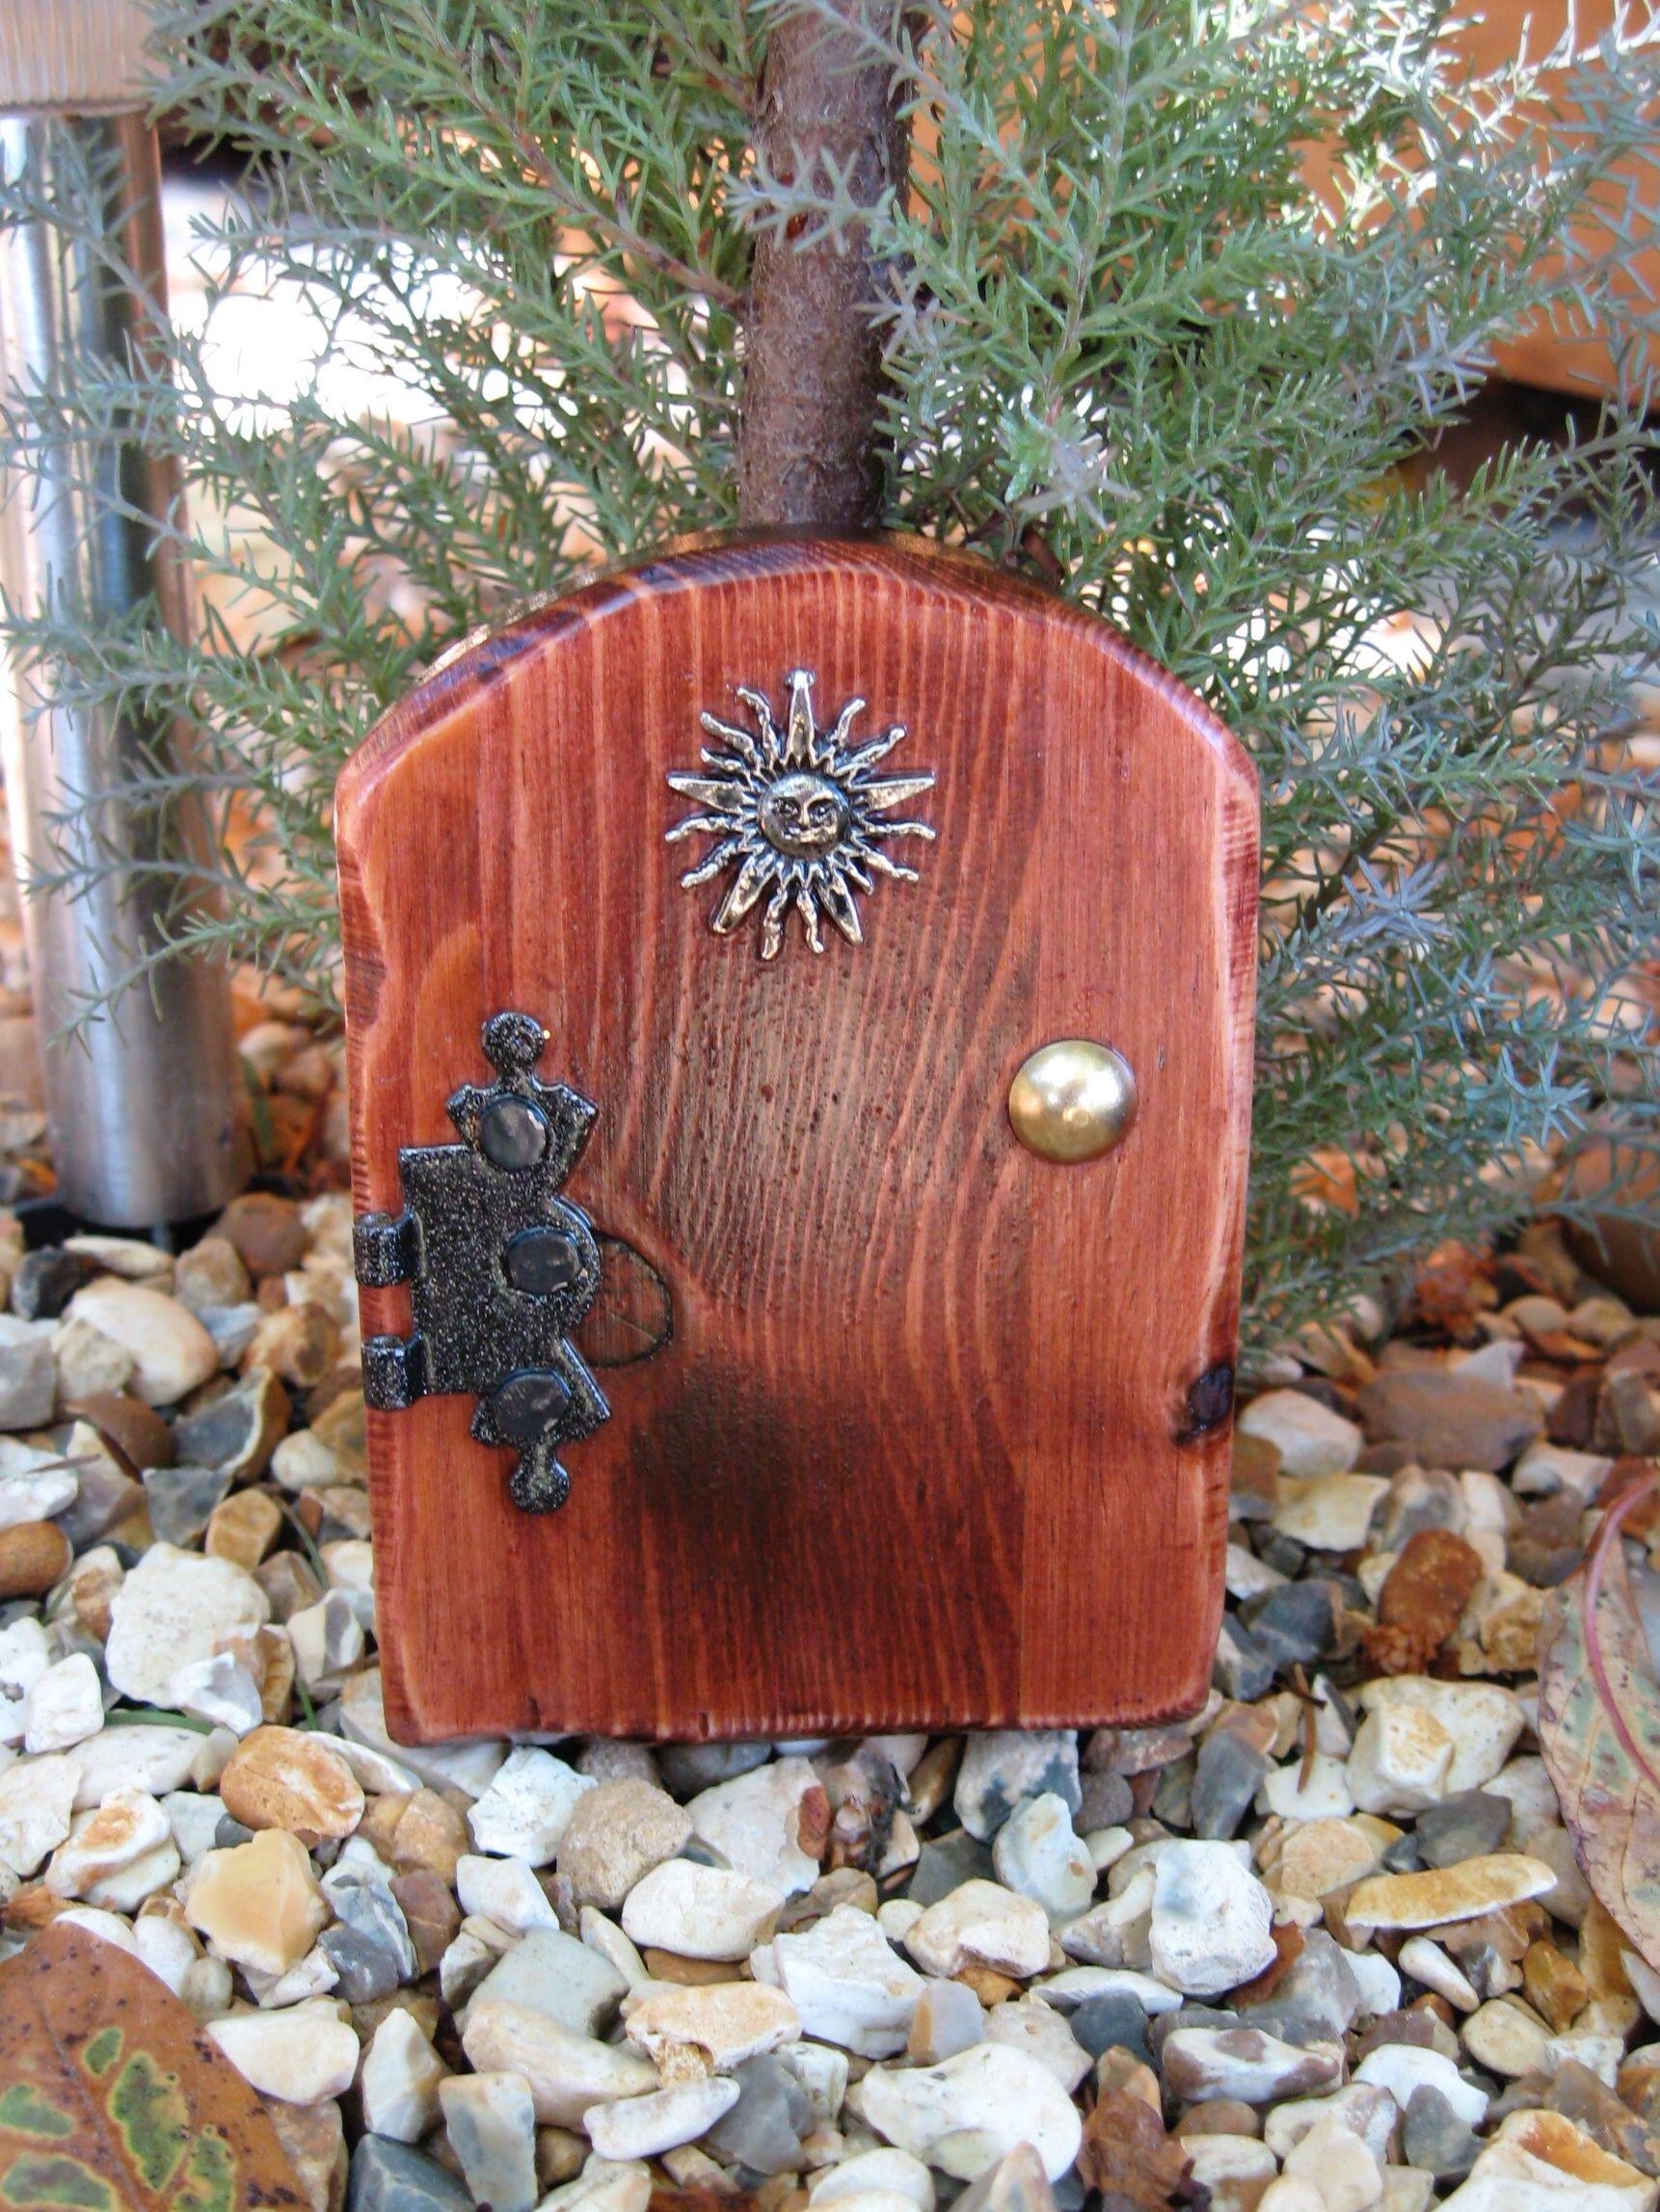 Fairy door wooden fairy doors pinterest for Wooden fairy doors that open